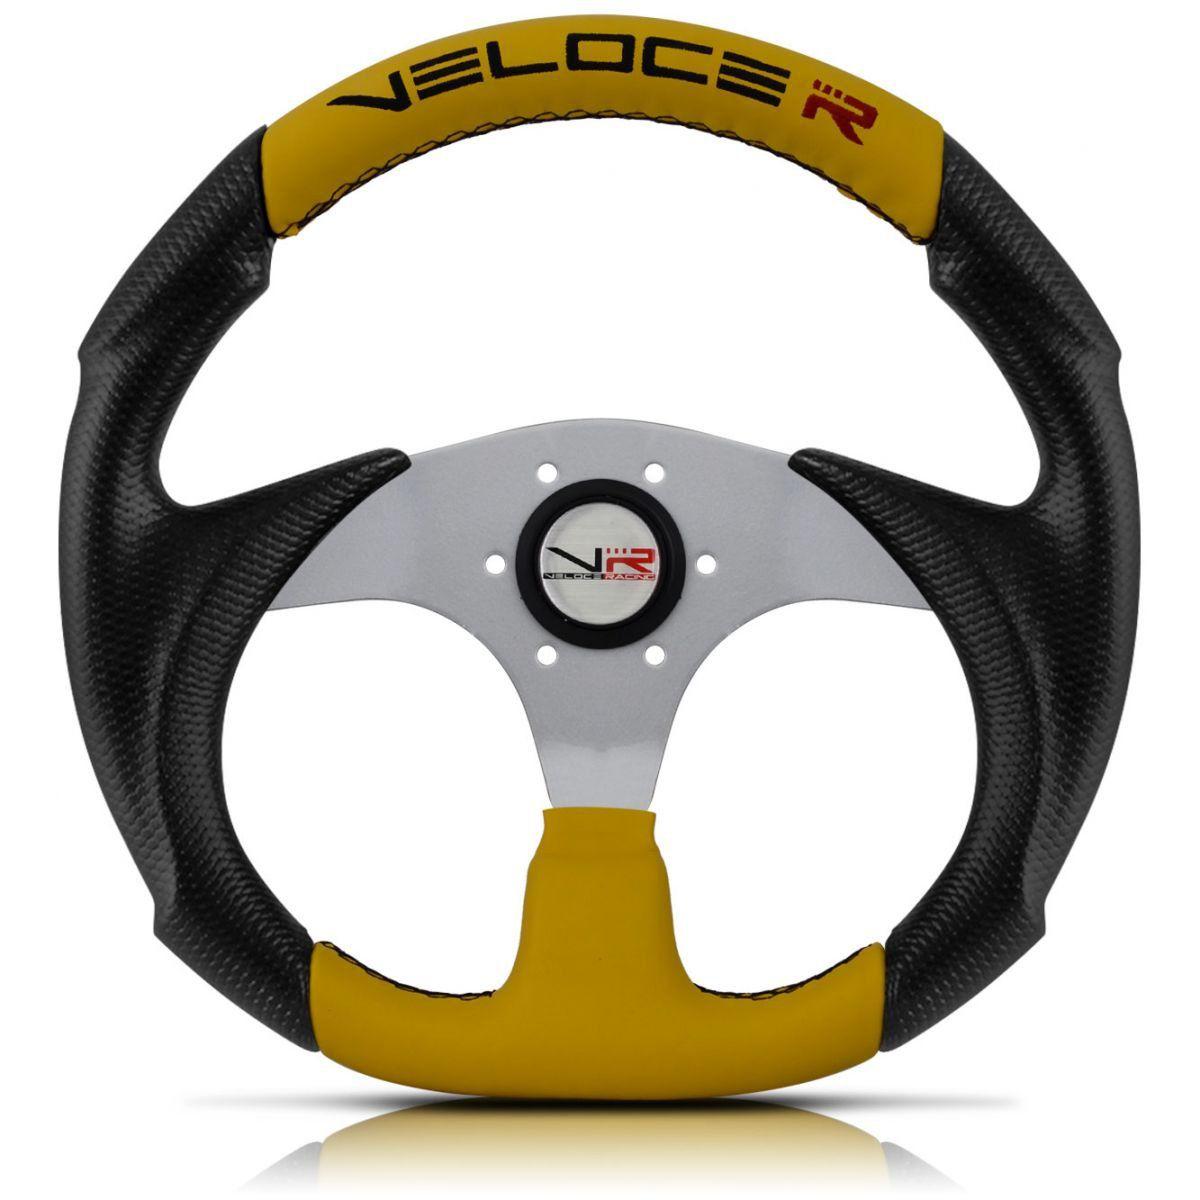 Volante Esportivo Veloce Racing Amarelo com centro Prata